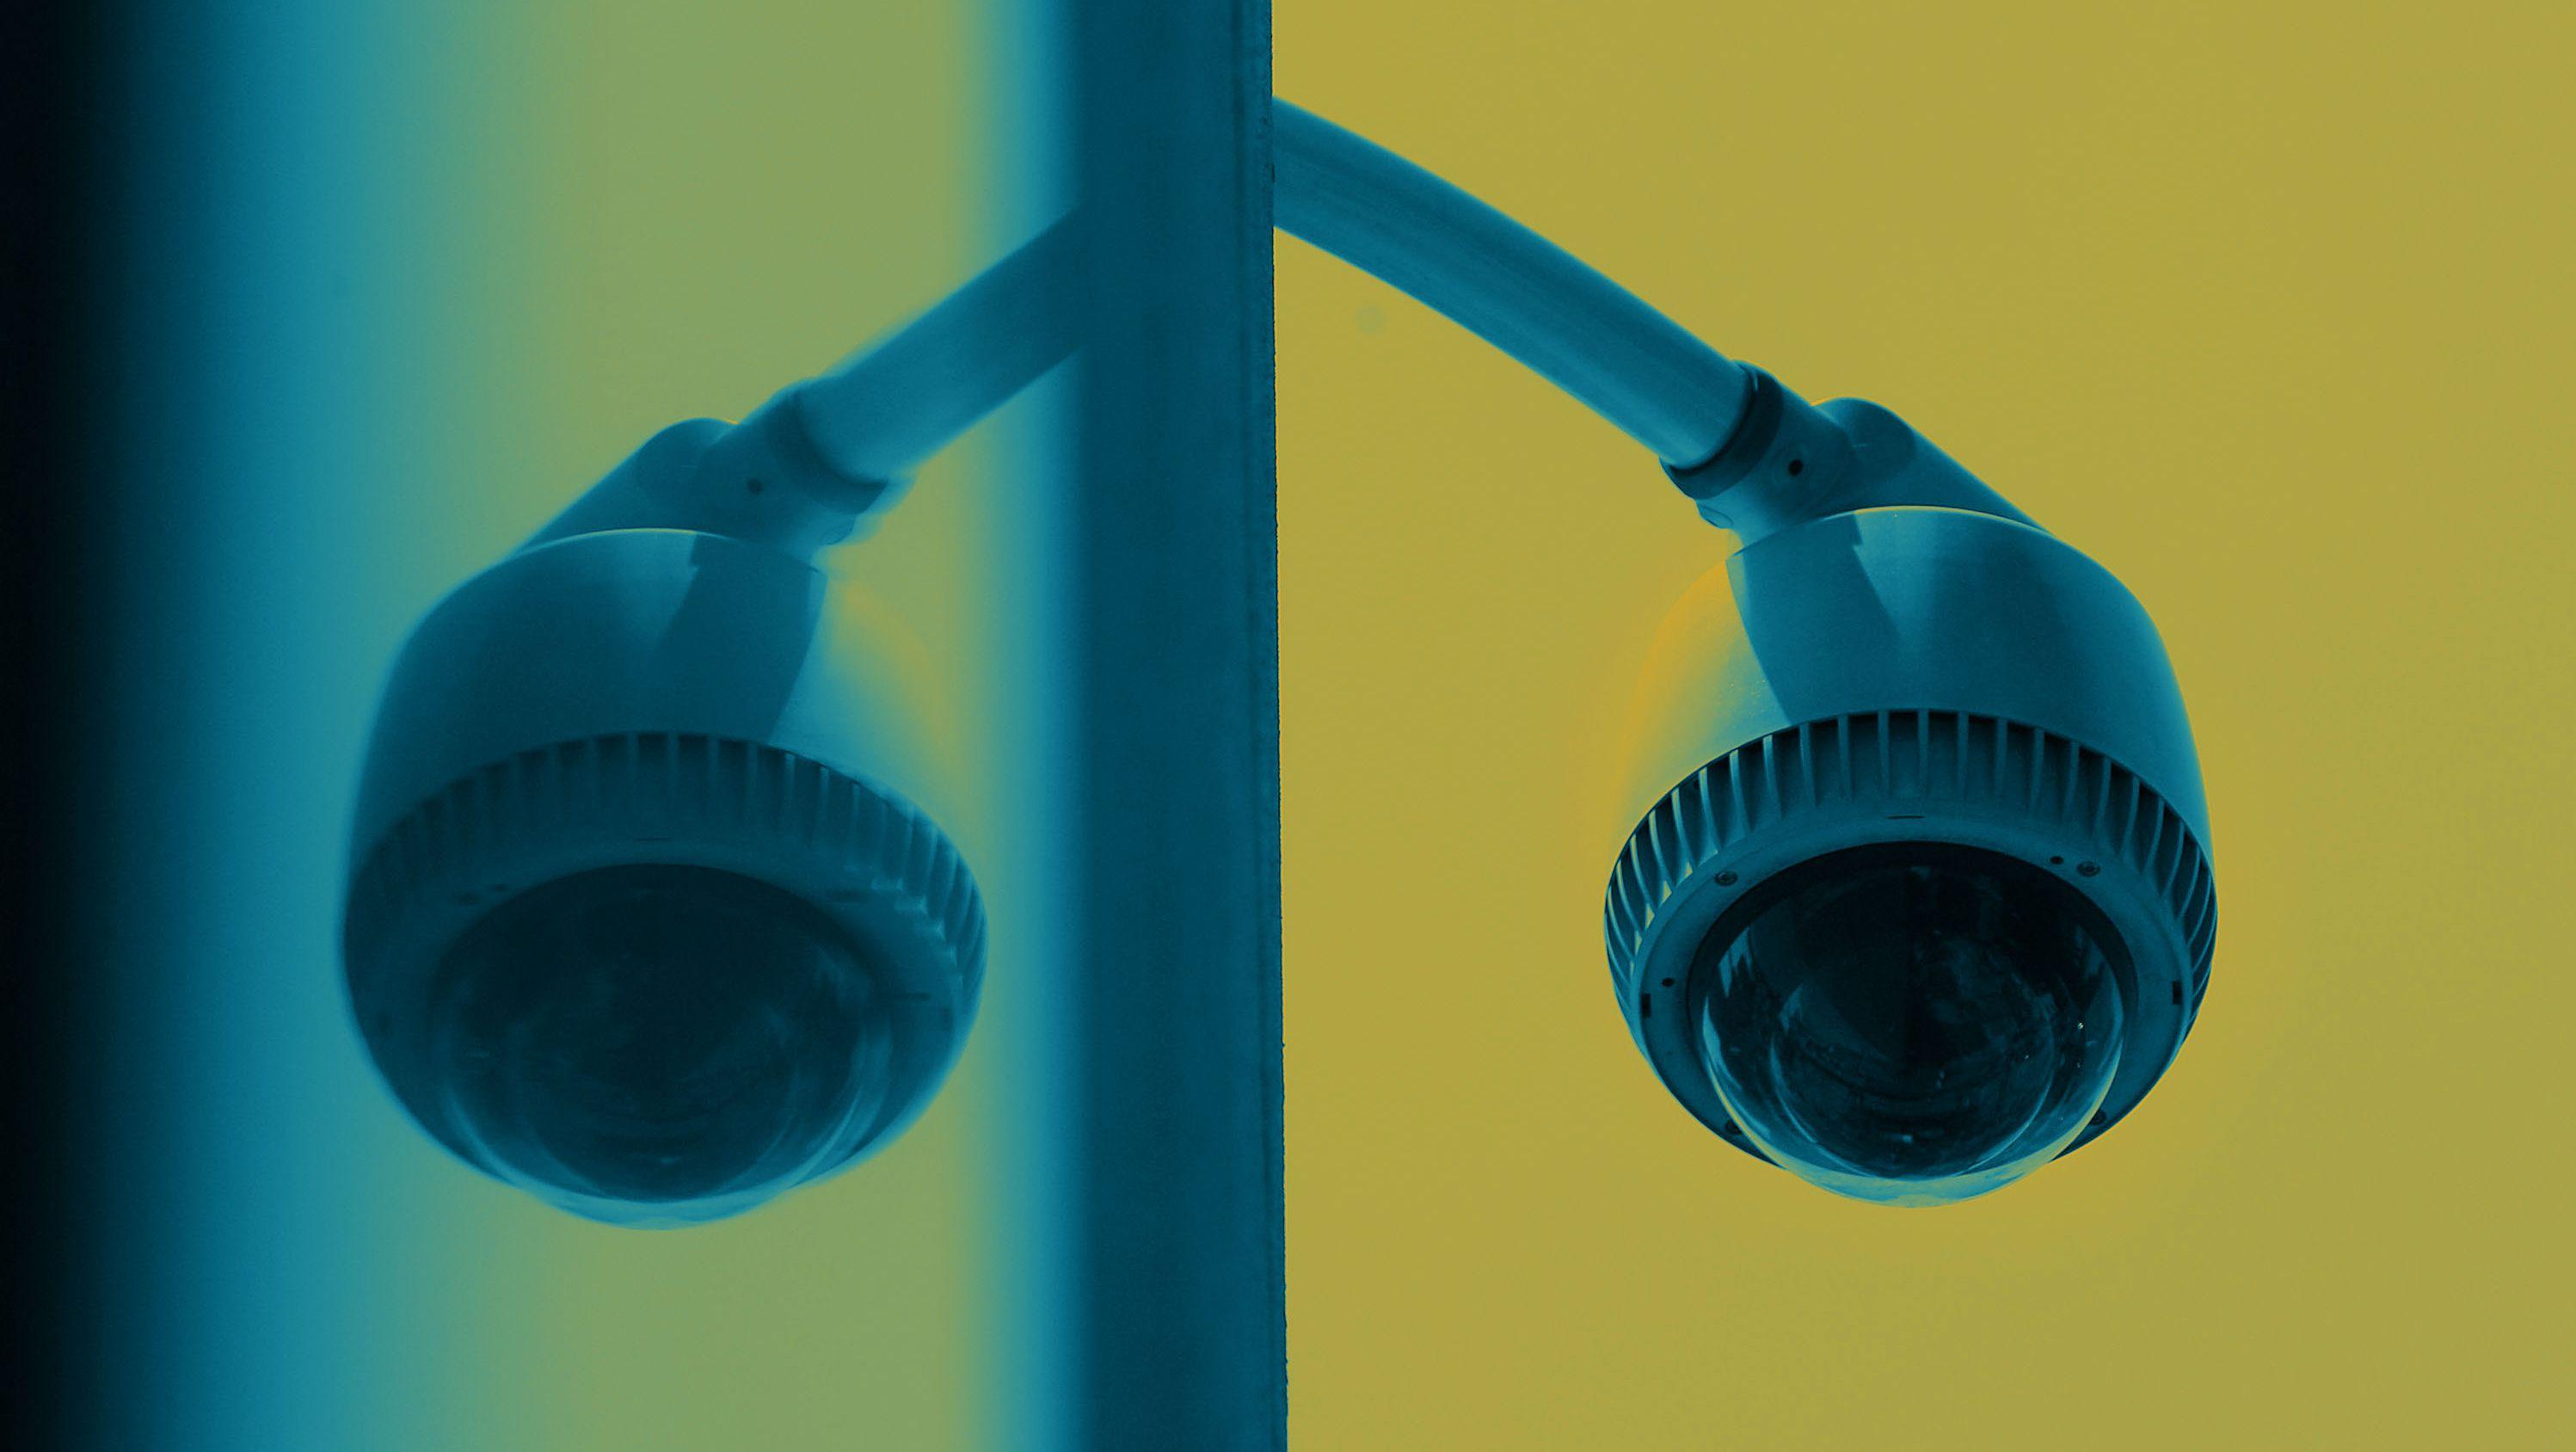 米国で広がる「顔認識」排除の動き、企業を規制する3つのアプローチ